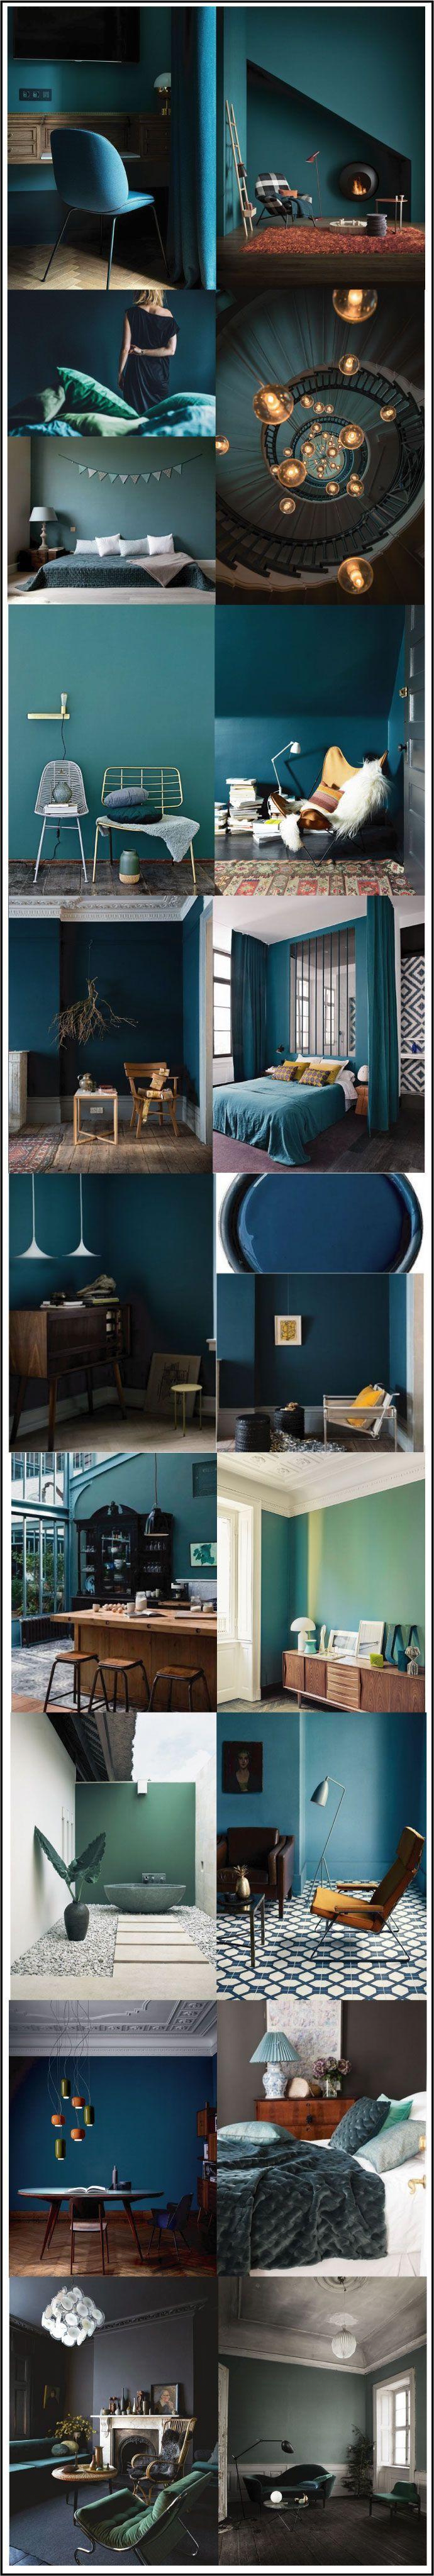 1000 id es sur le th me couleurs de salon sur pinterest for Couleur bleu vert